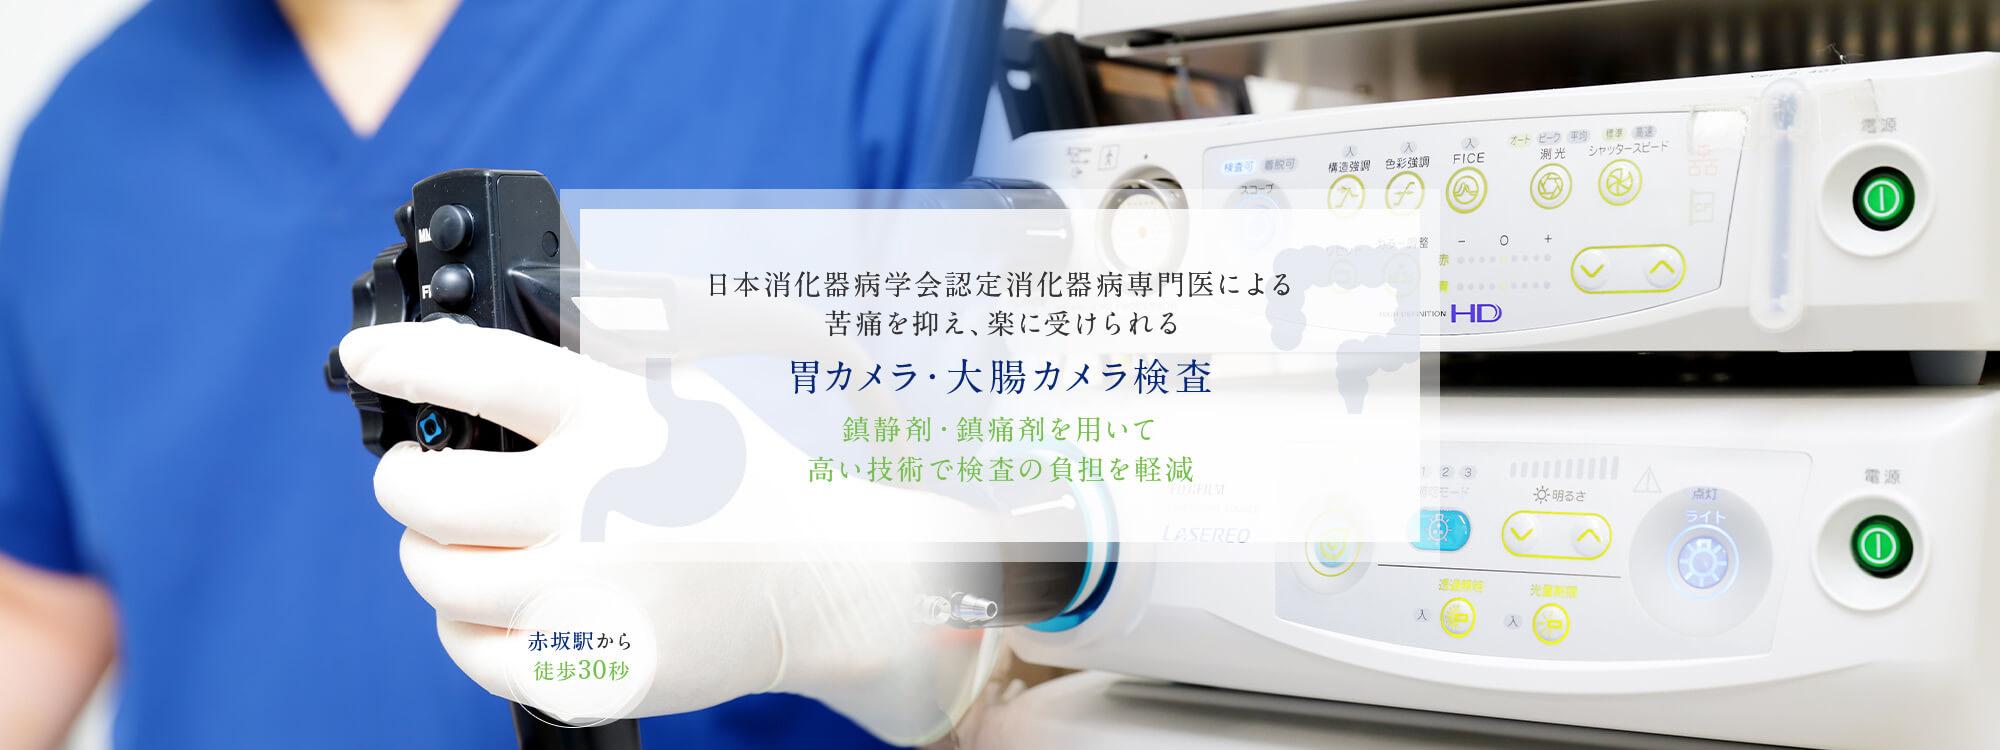 消化器病専門医による苦痛を抑え、楽に受けられる 胃カメラ・大腸カメラ検査